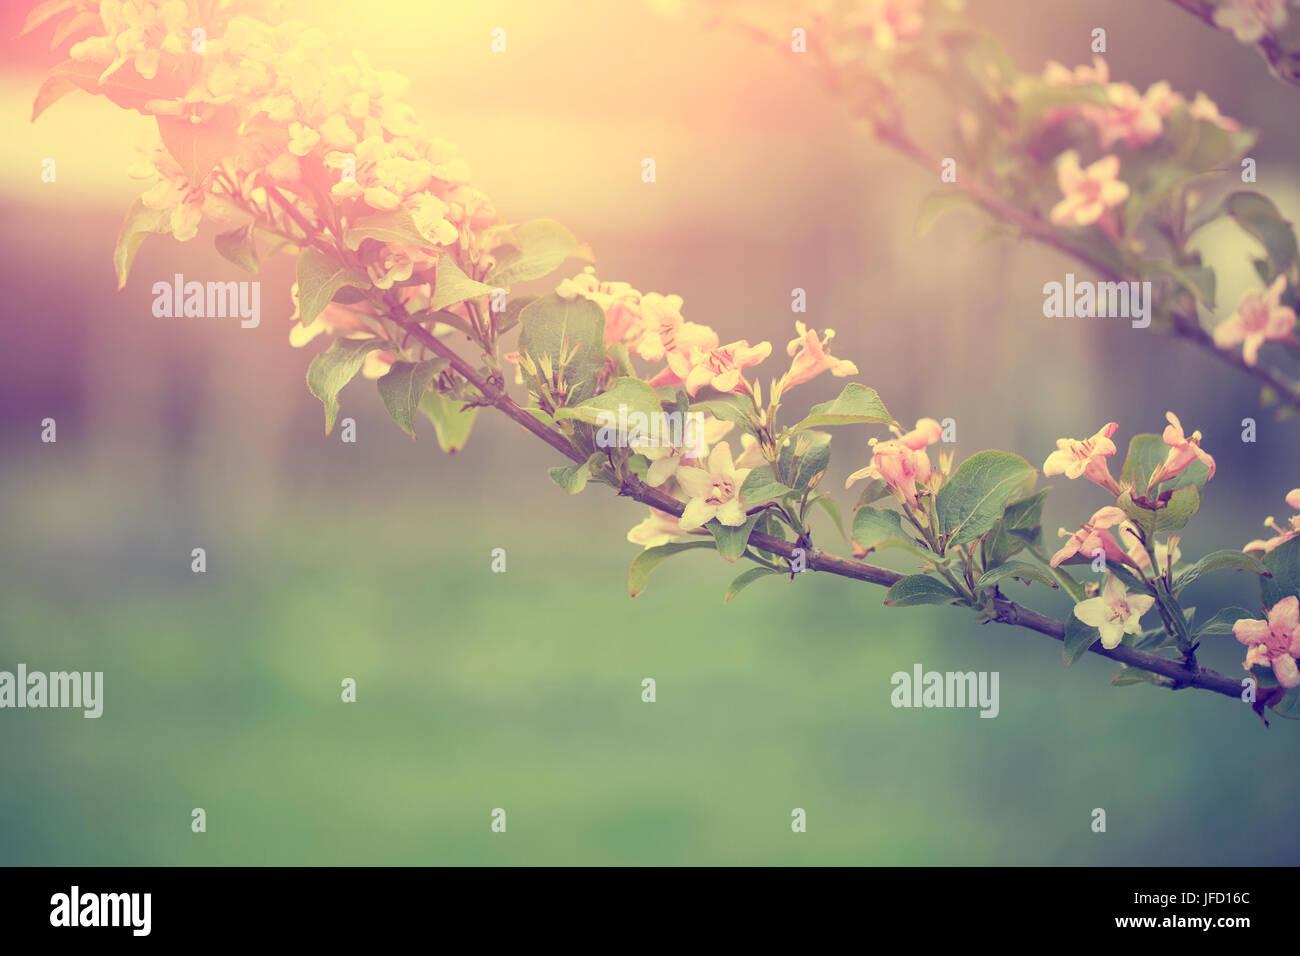 Baum Blüten im Frühjahr im april Stockbild